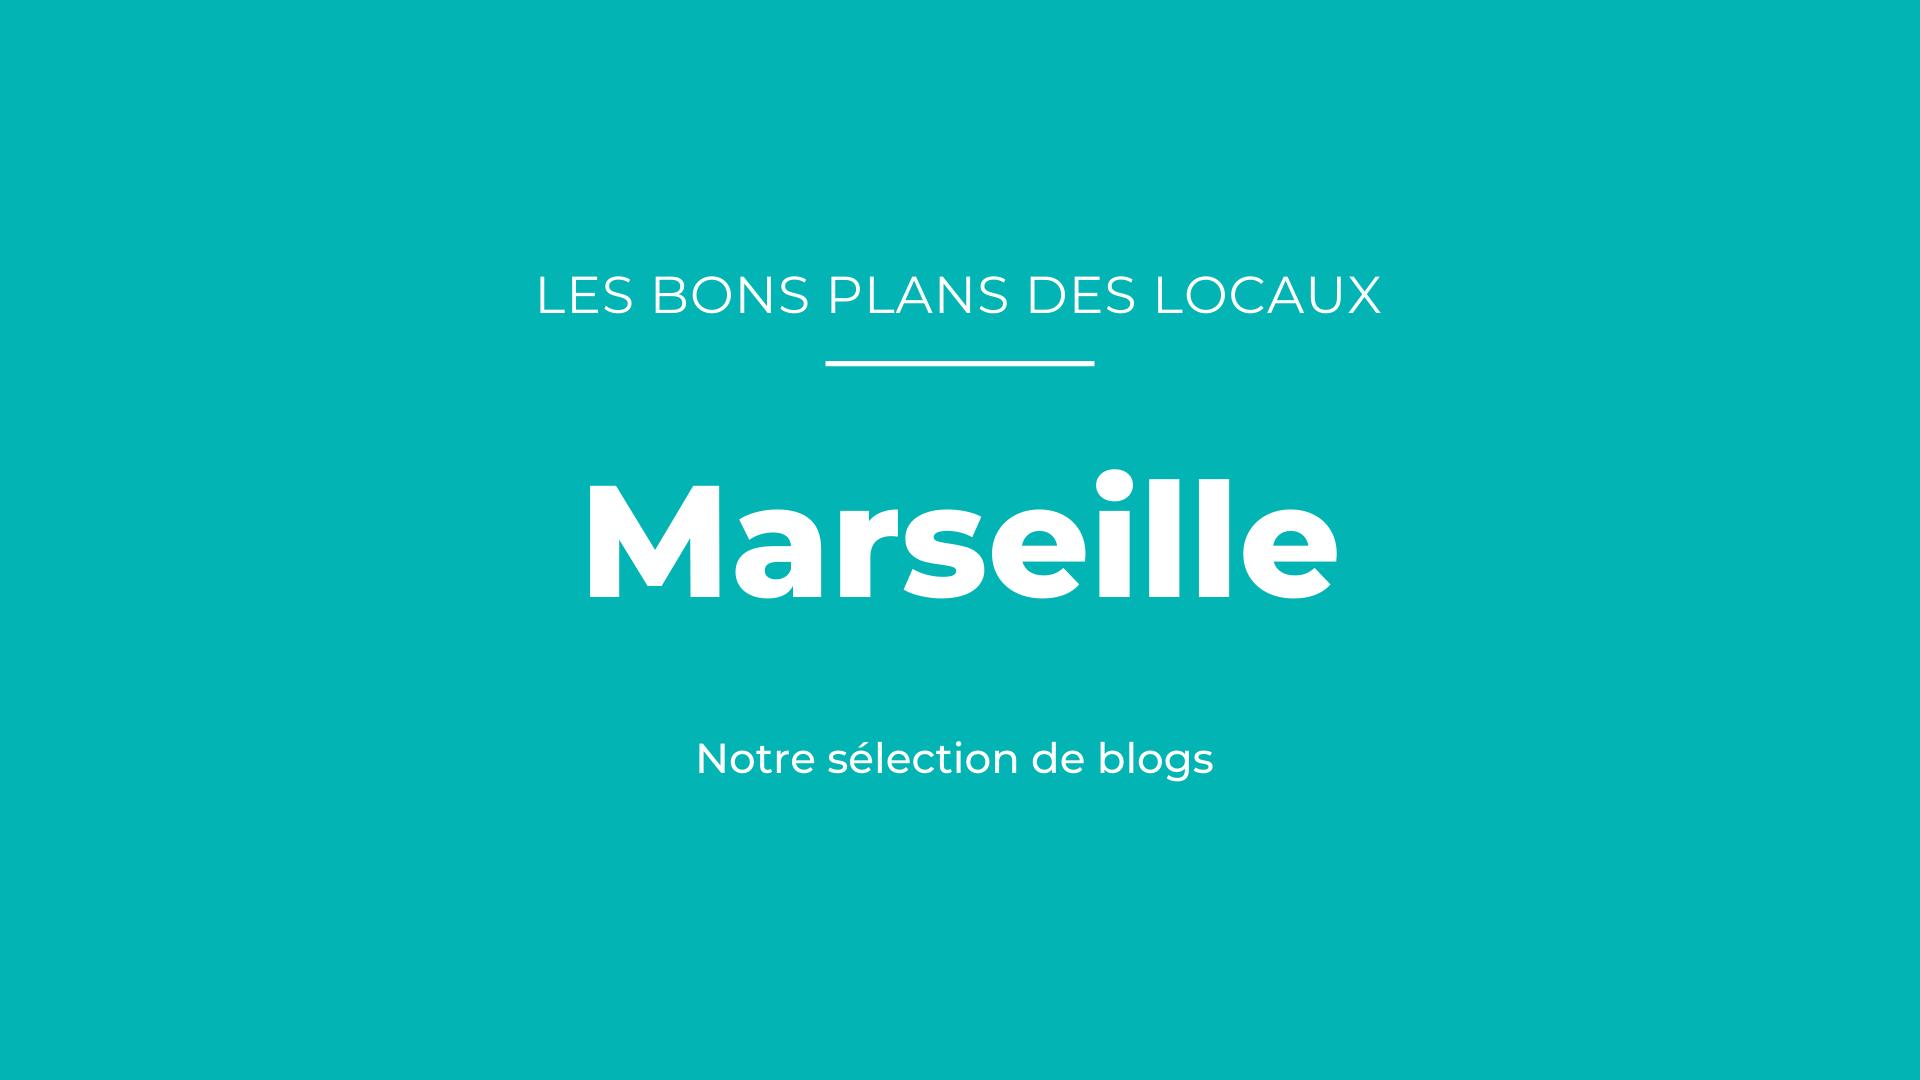 Notre sélection de blogs à Marseille